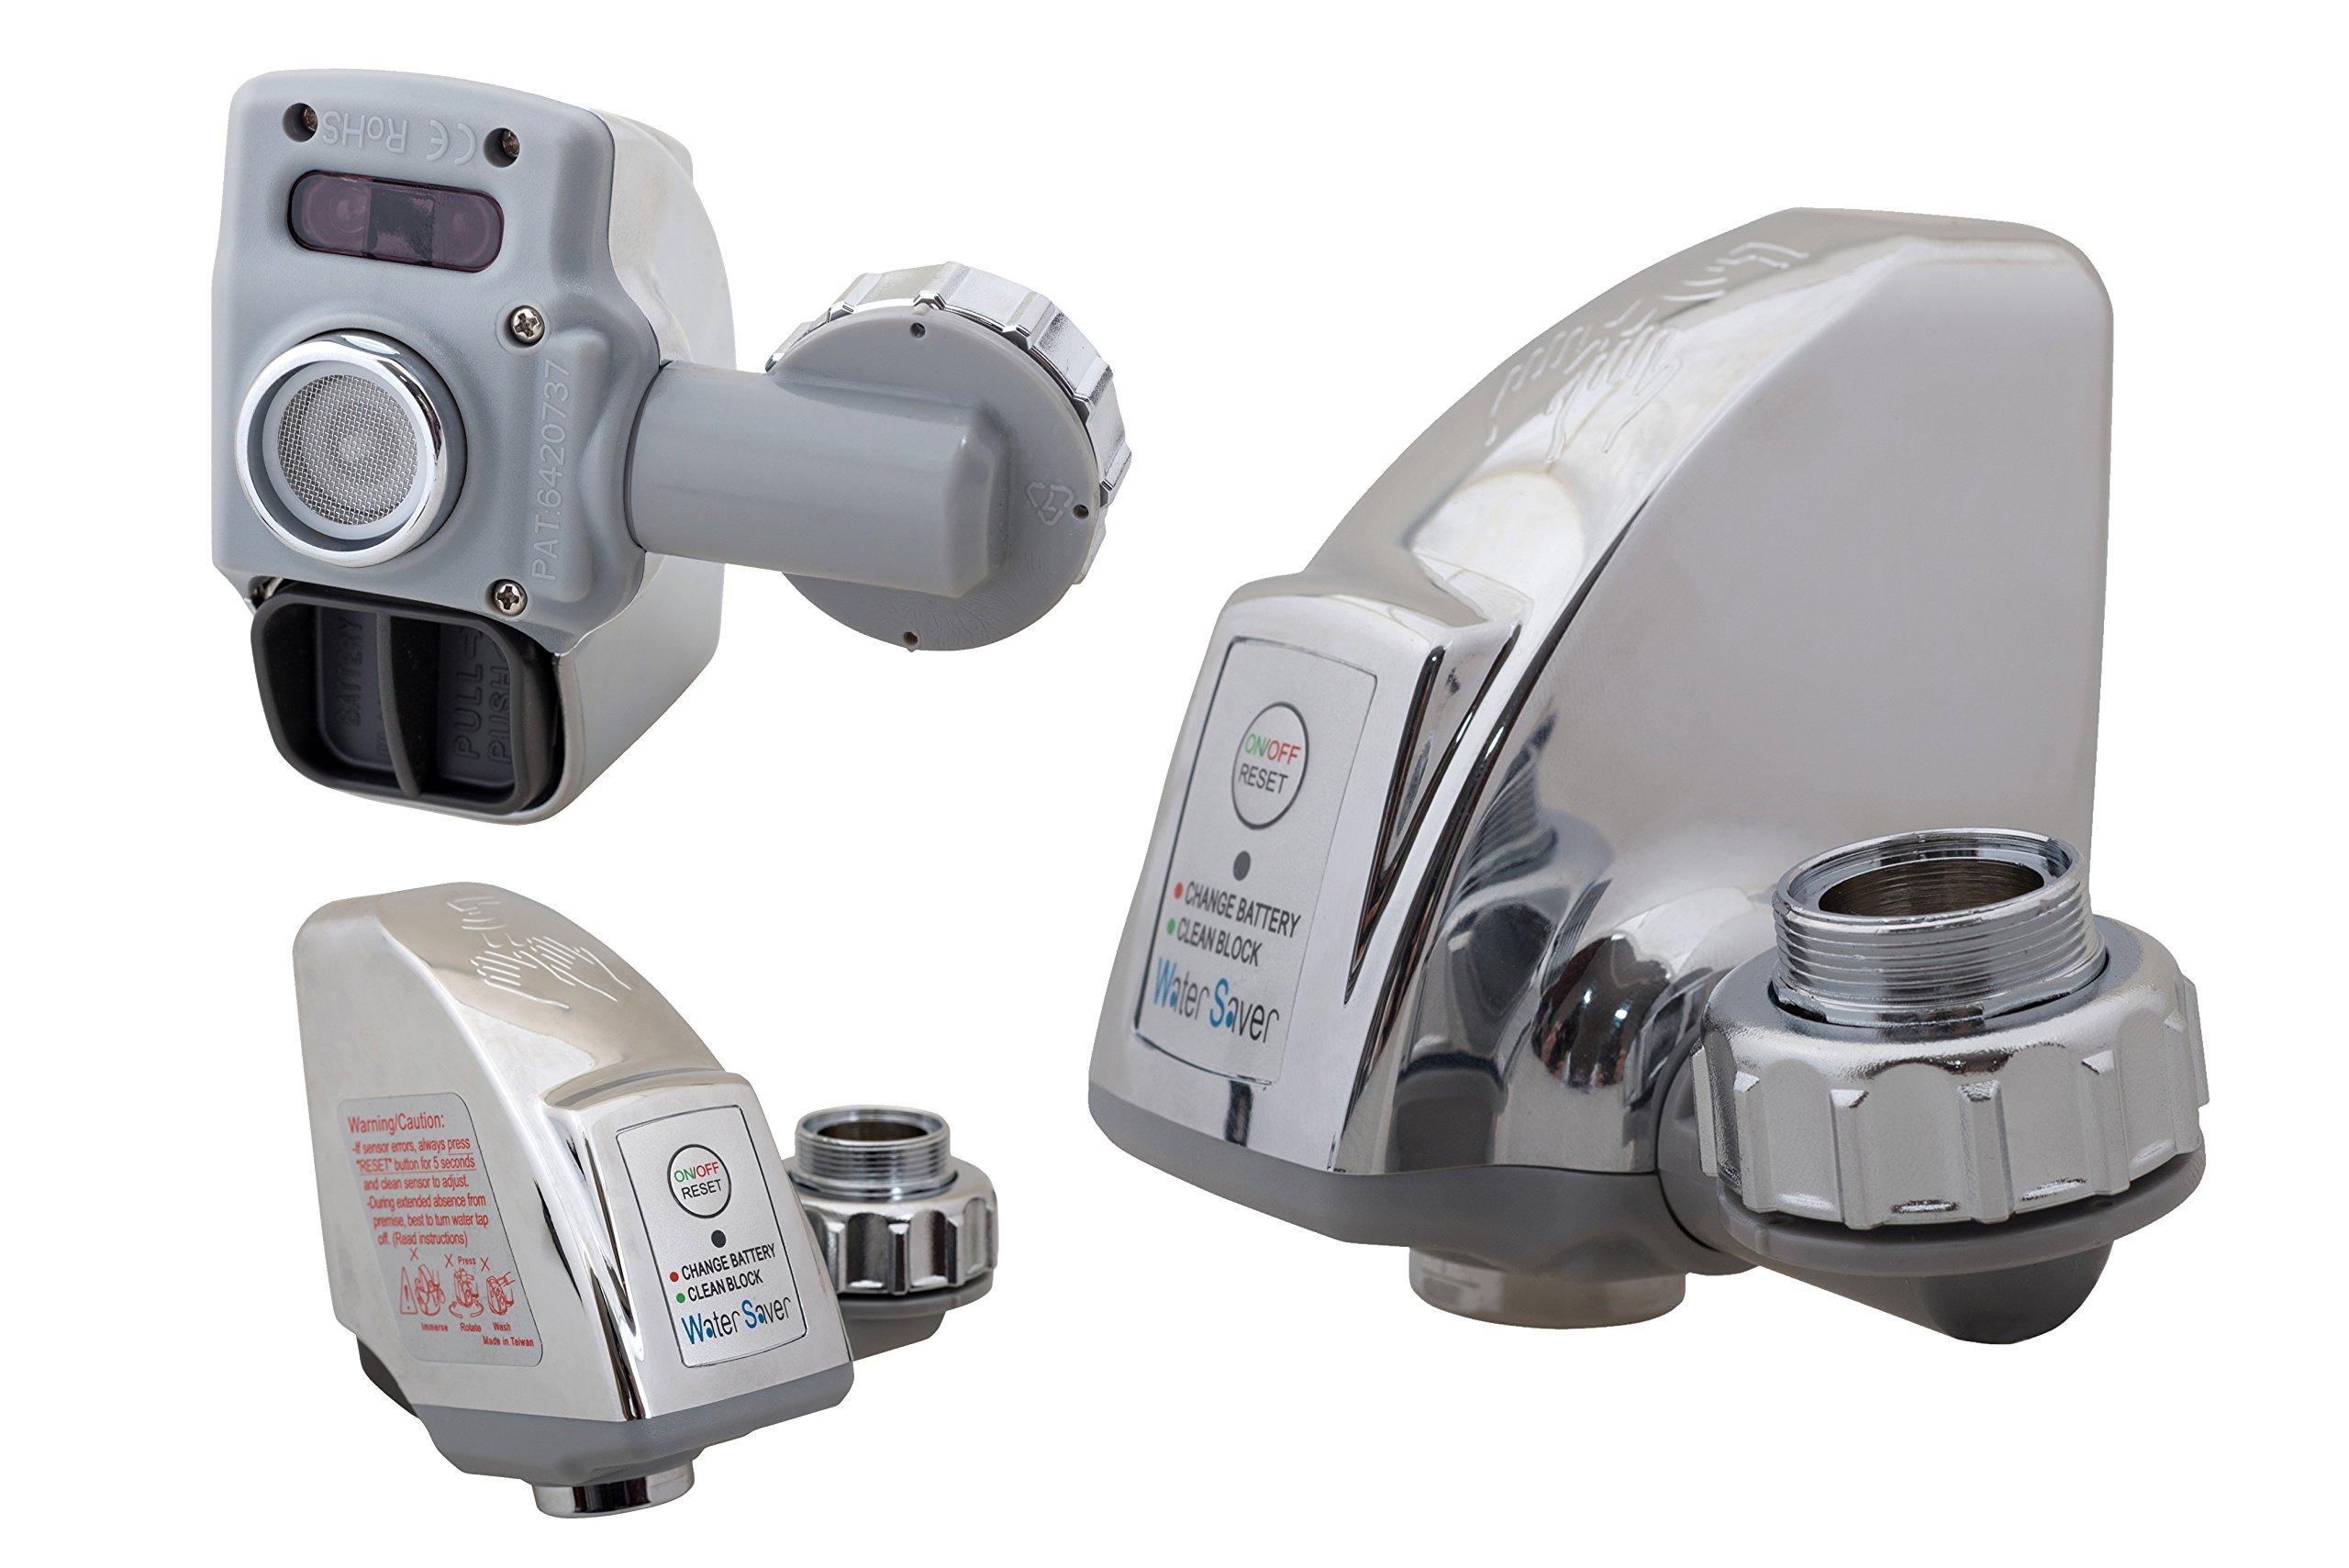 Auto Motion Faucet Sensor – Touchless Faucet Adapter – Hands Free Sensor  Faucet – Bath Faucet Motion–sensor Water-Saver - ELITE Pet Water